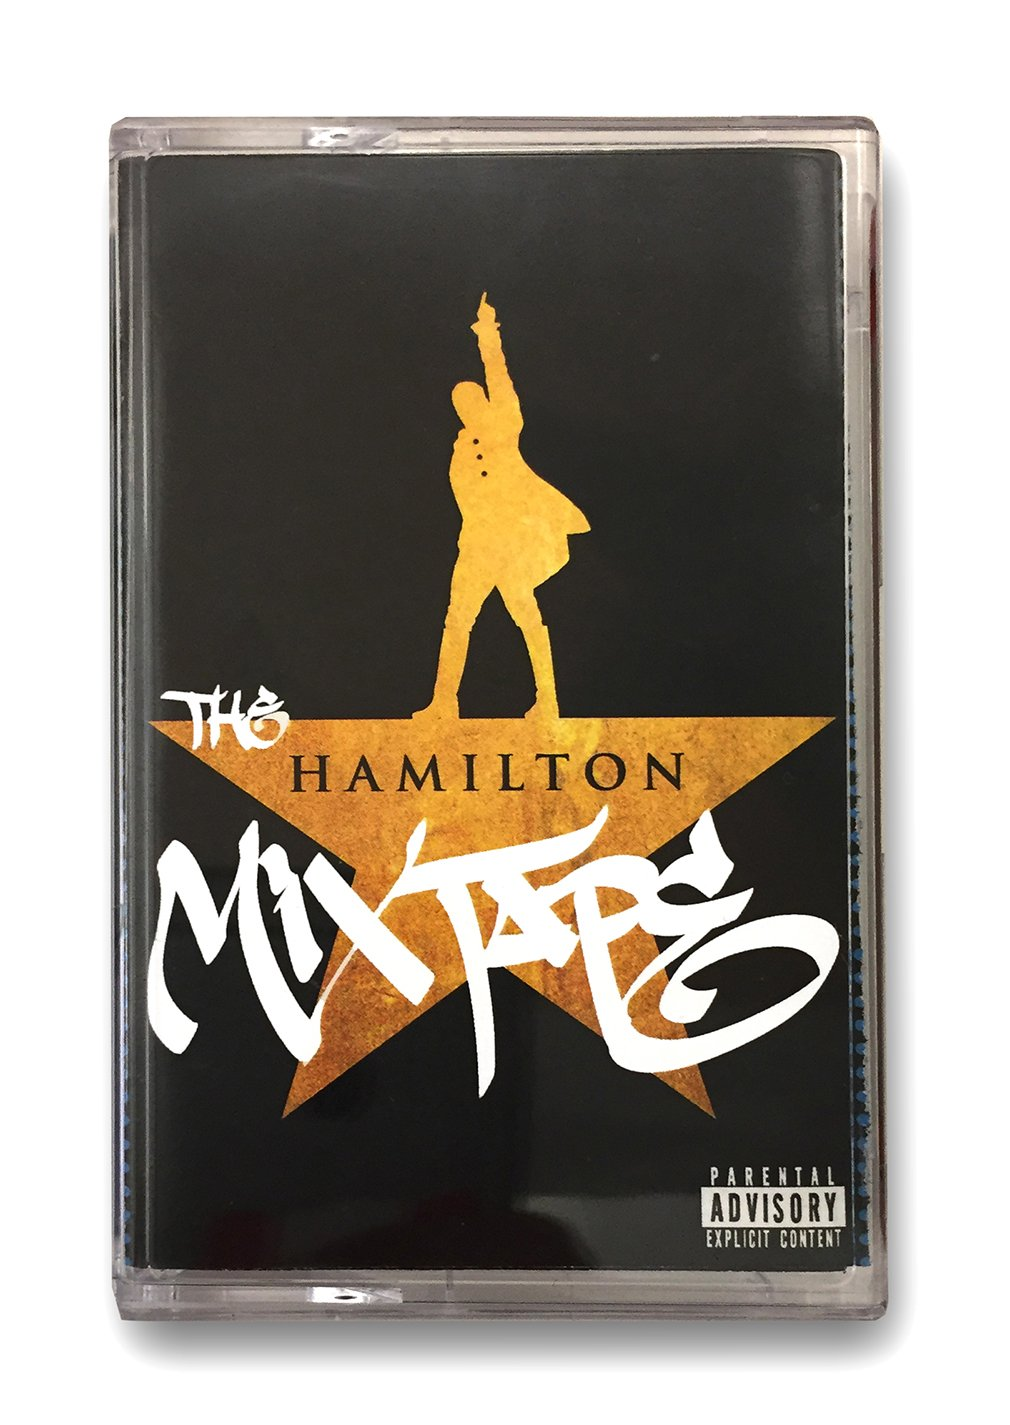 Cassette : HAMILTON - The Hamilton Mixtape [explicit Content] (Cassette)